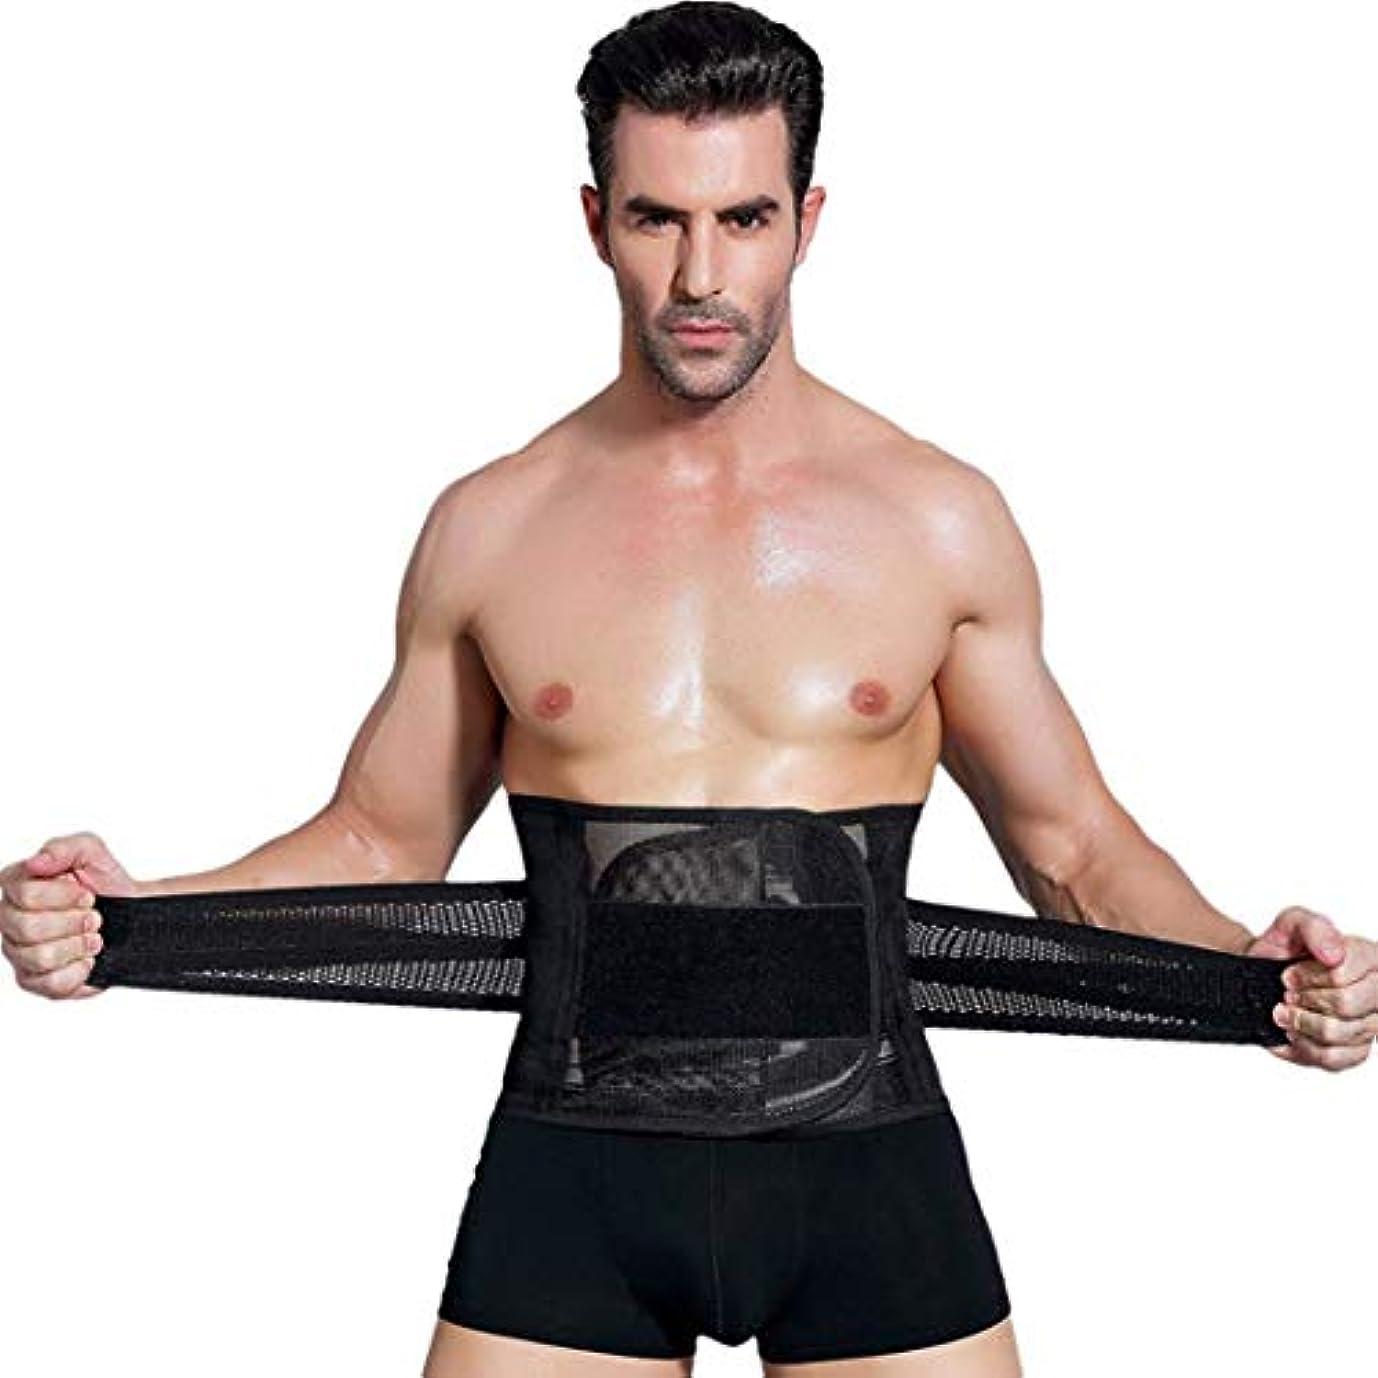 形式学習戻る男性ボディシェイパーコルセット腹部おなかコントロールウエストトレーナーニッパー脂肪燃焼ガードル痩身腹ベルト用男性 - ブラックXXL